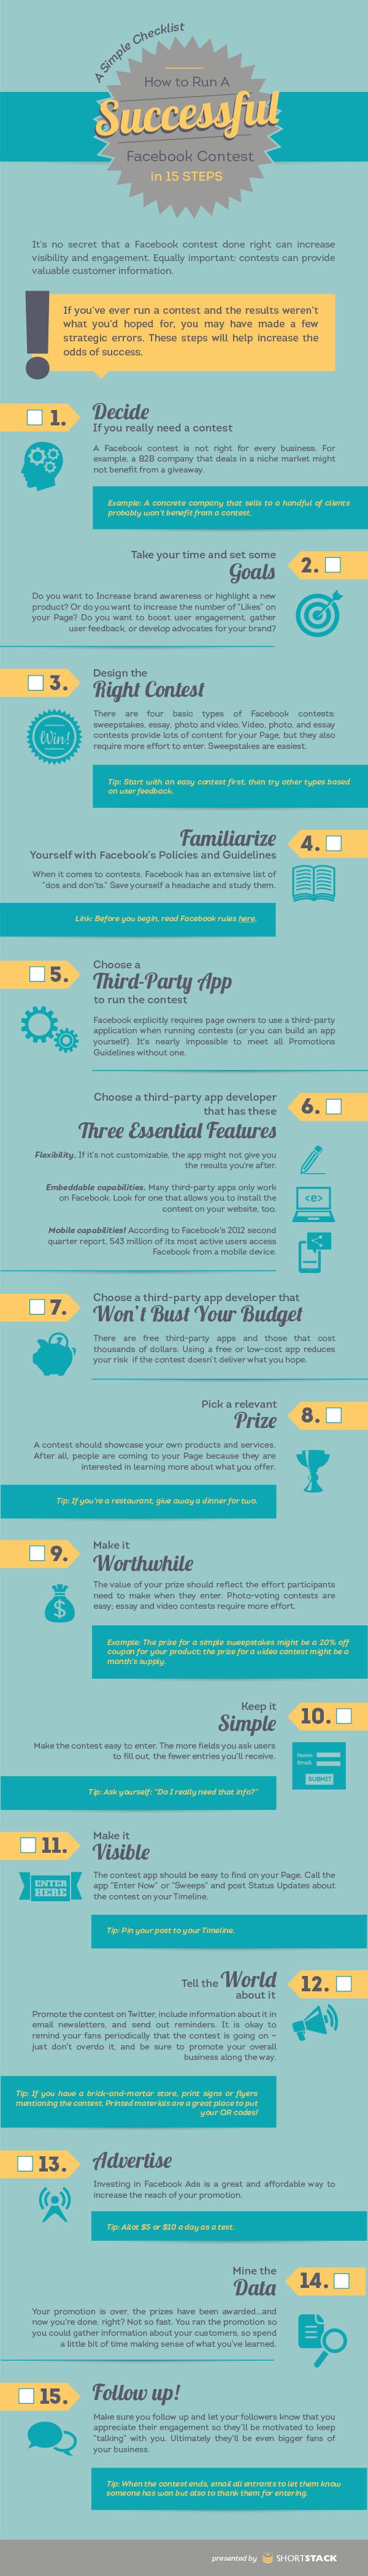 Erfolgreiches Facebook-Gewinnspiel, 15 Tipps